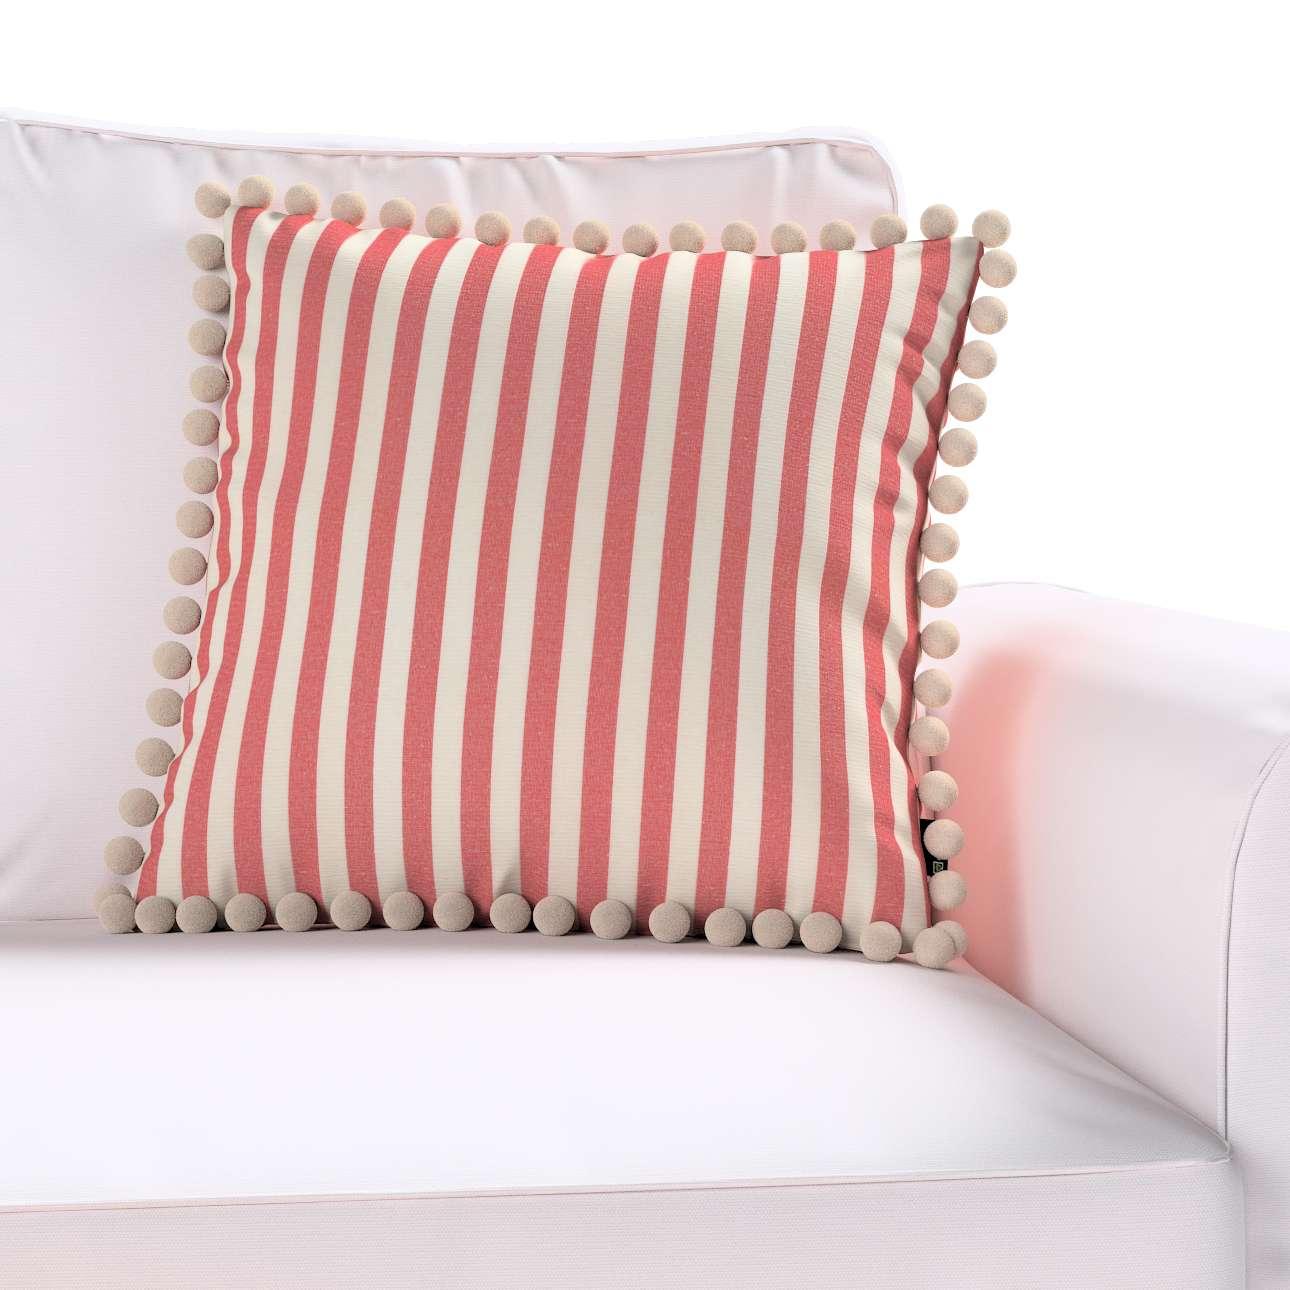 Wera dekoratyvinės pagalvėlės užvalkalas su žaismingais kraštais 45 × 45 cm kolekcijoje Quadro, audinys: 136-17